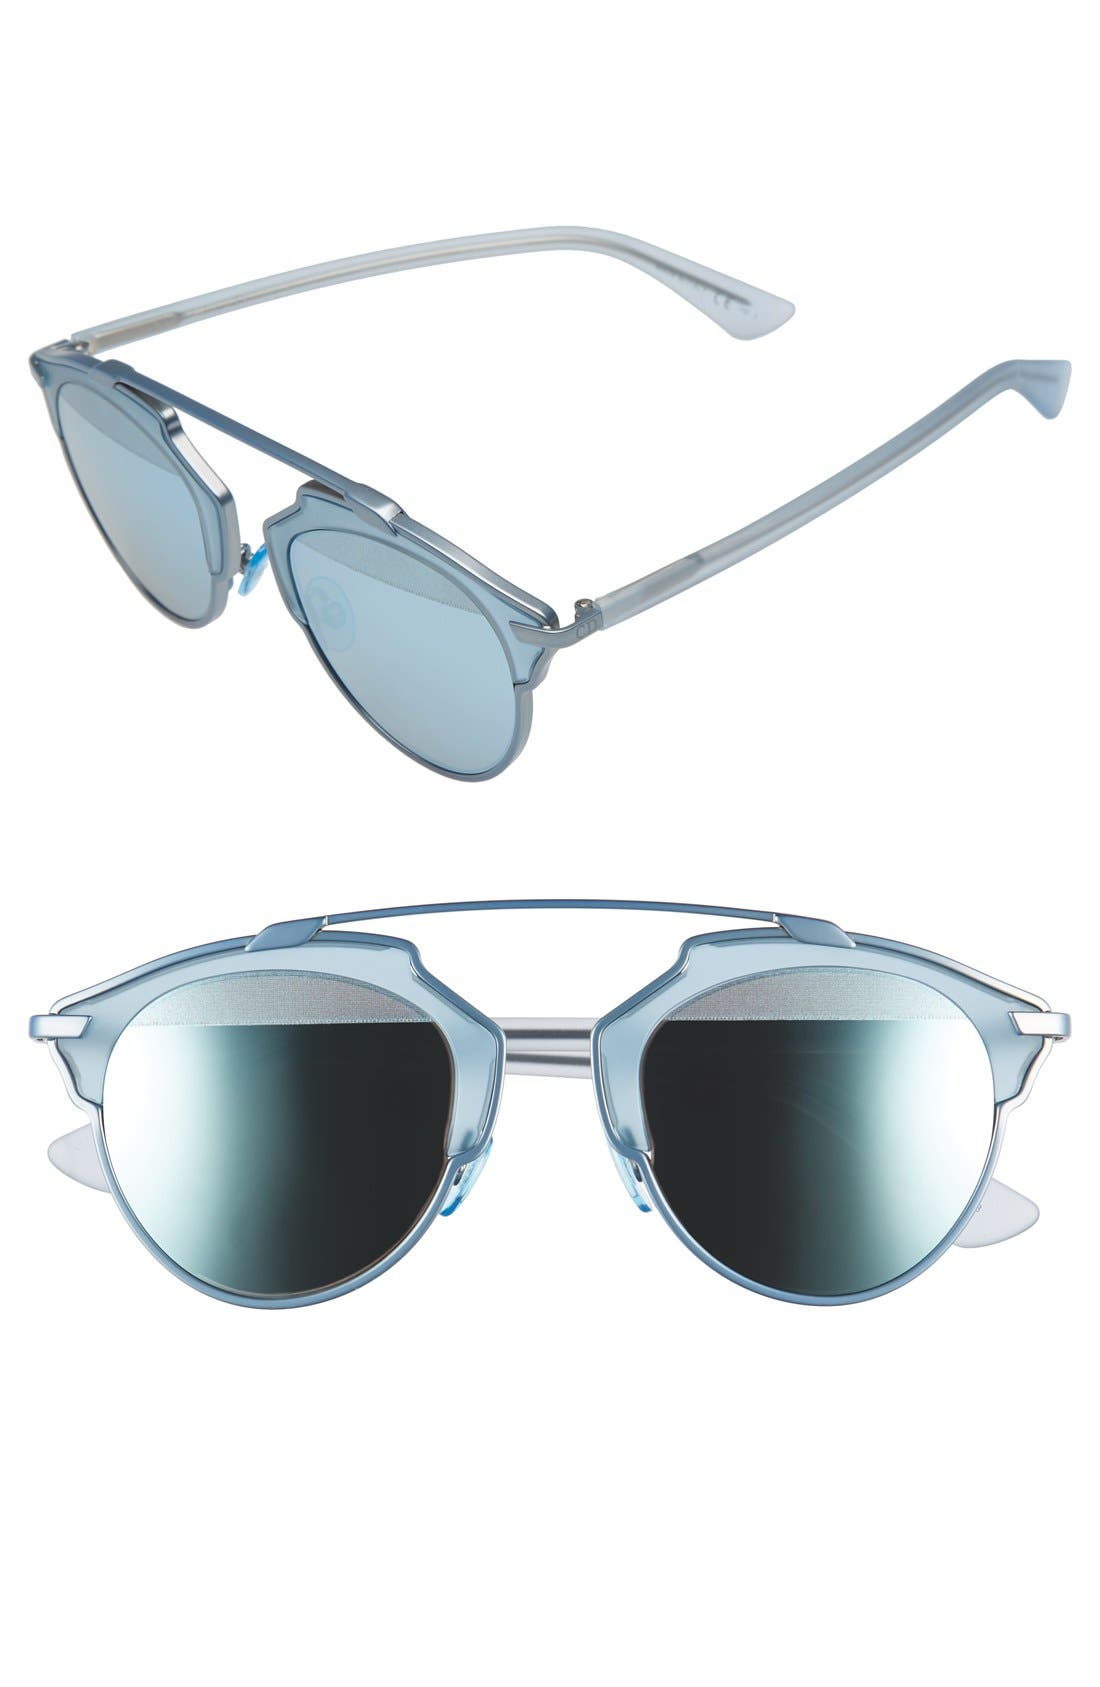 So Real 48mm Brow Bar Sunglasses,                             Main thumbnail 18, color,